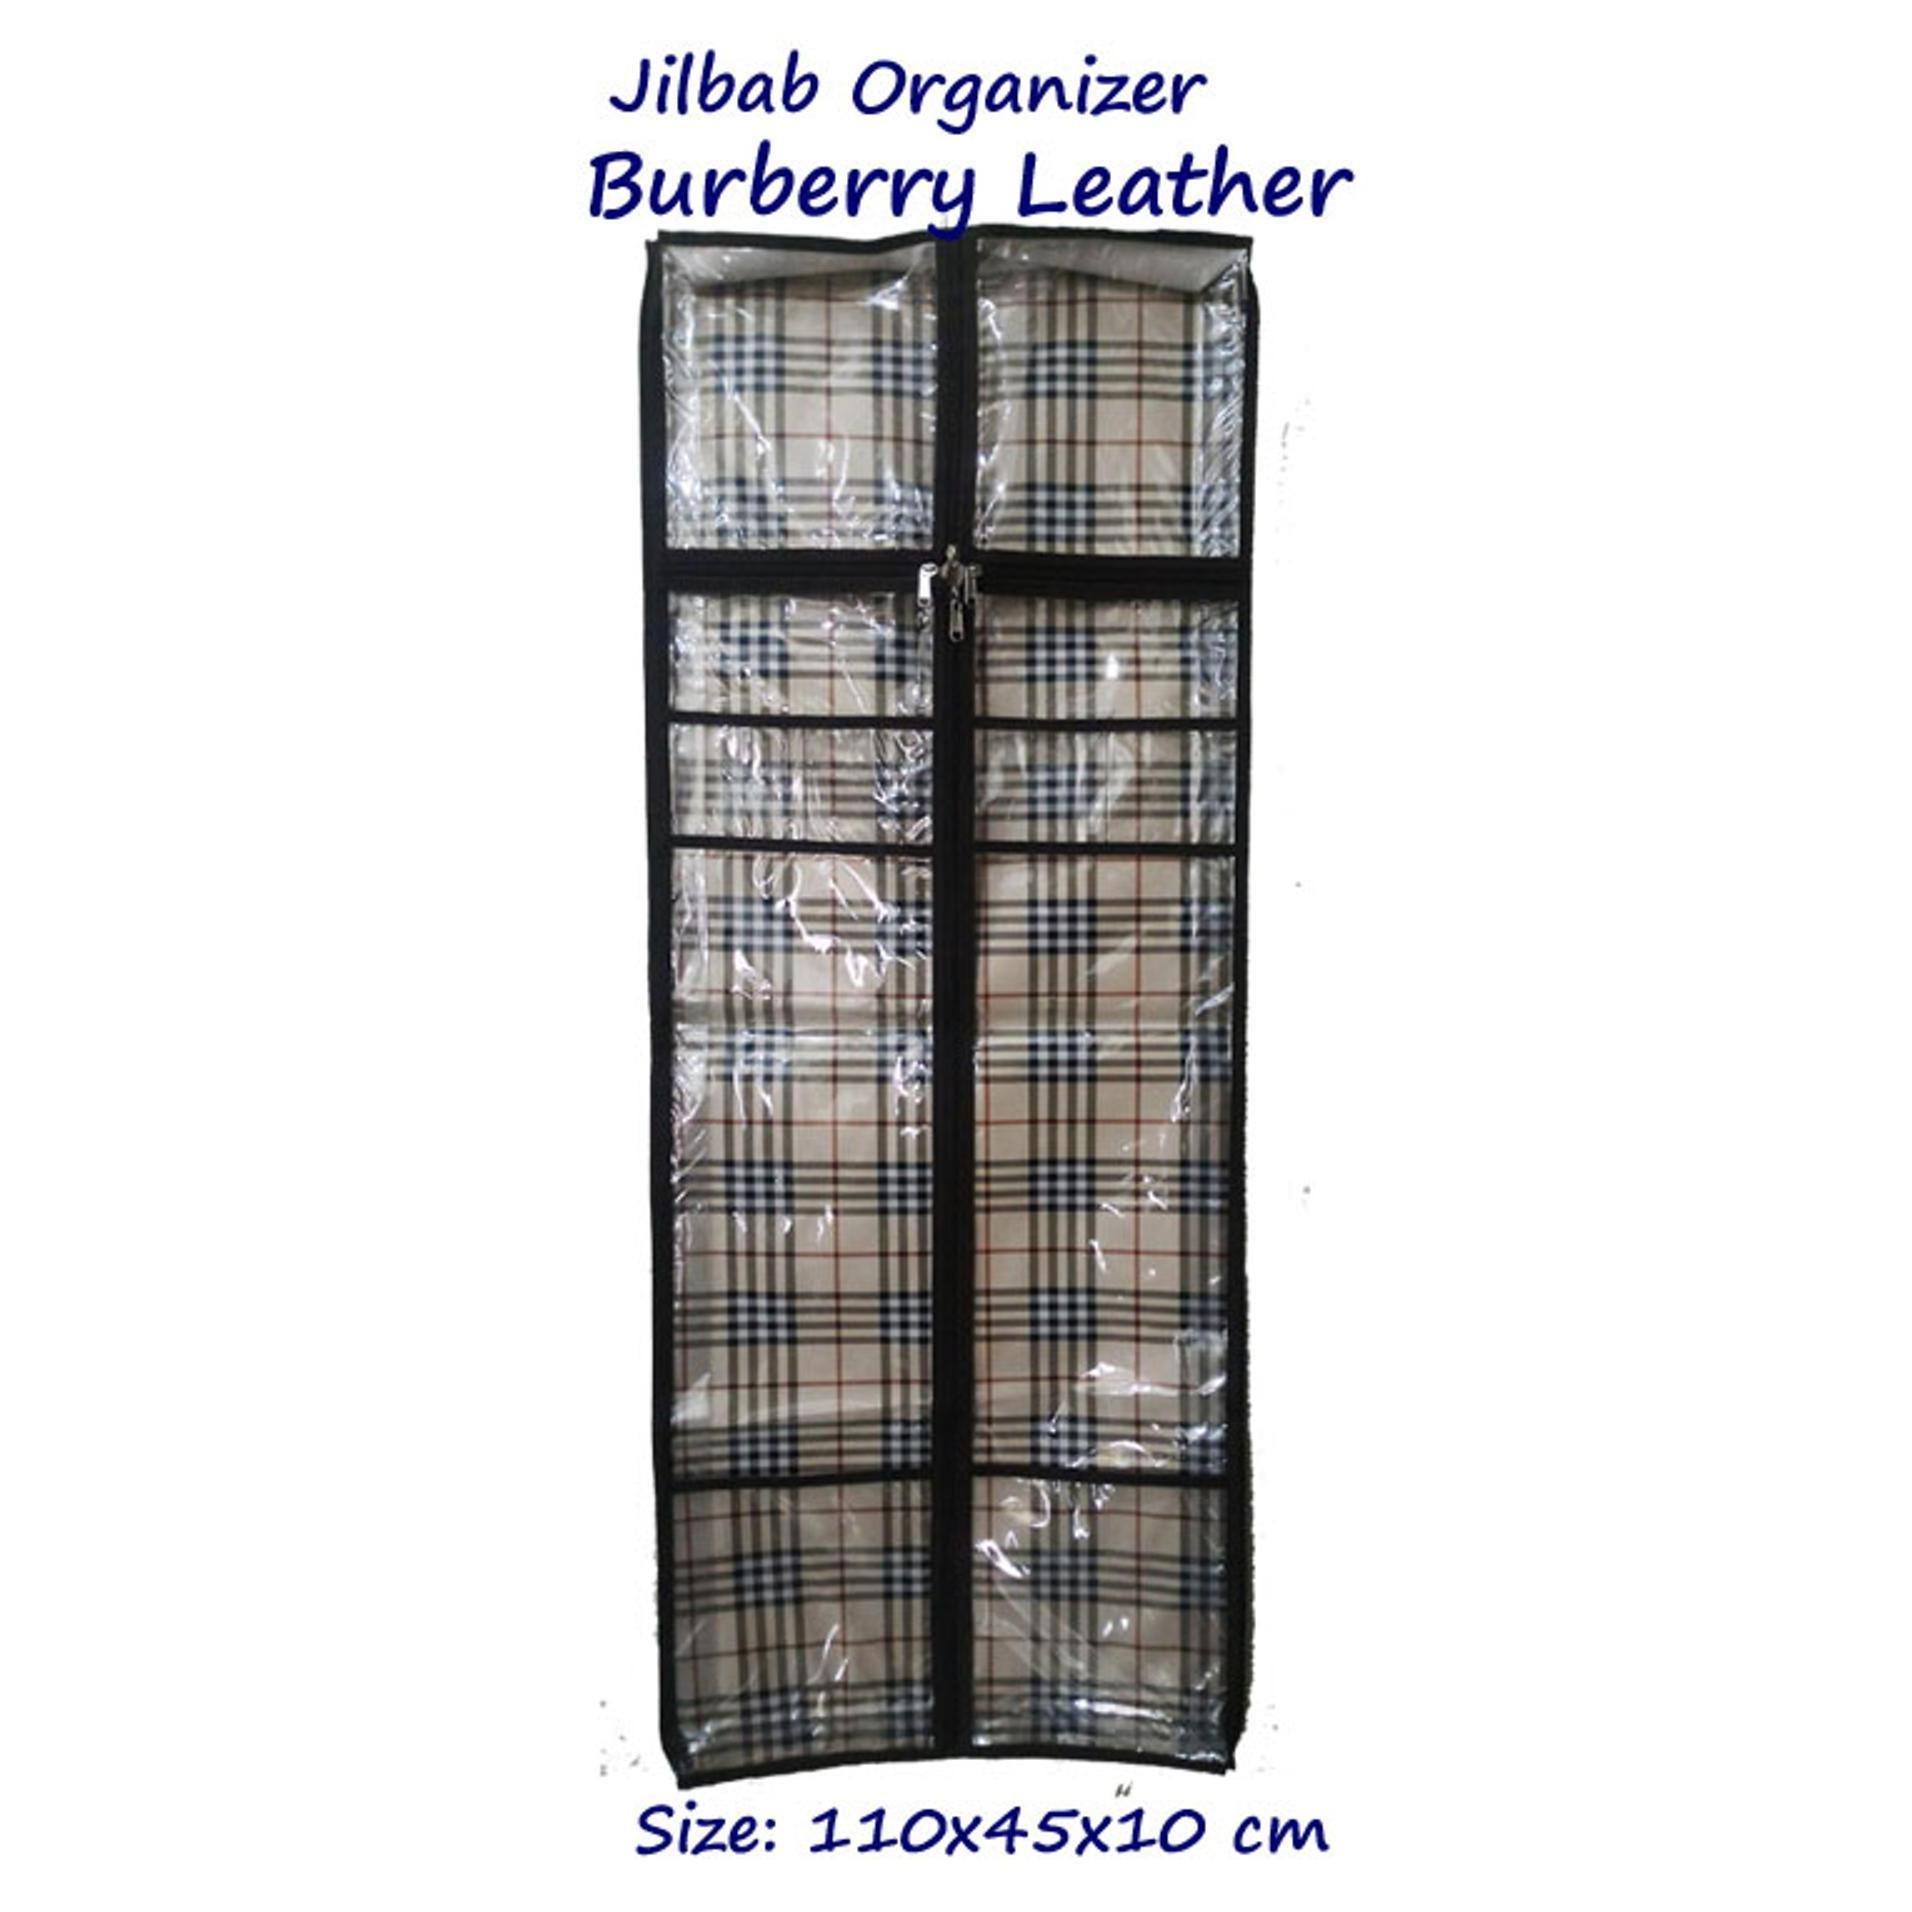 Paket Jilbab Organizer Karakter Burberry Leather Tempat Penyimpanan Hanger Susun Gantung Murah